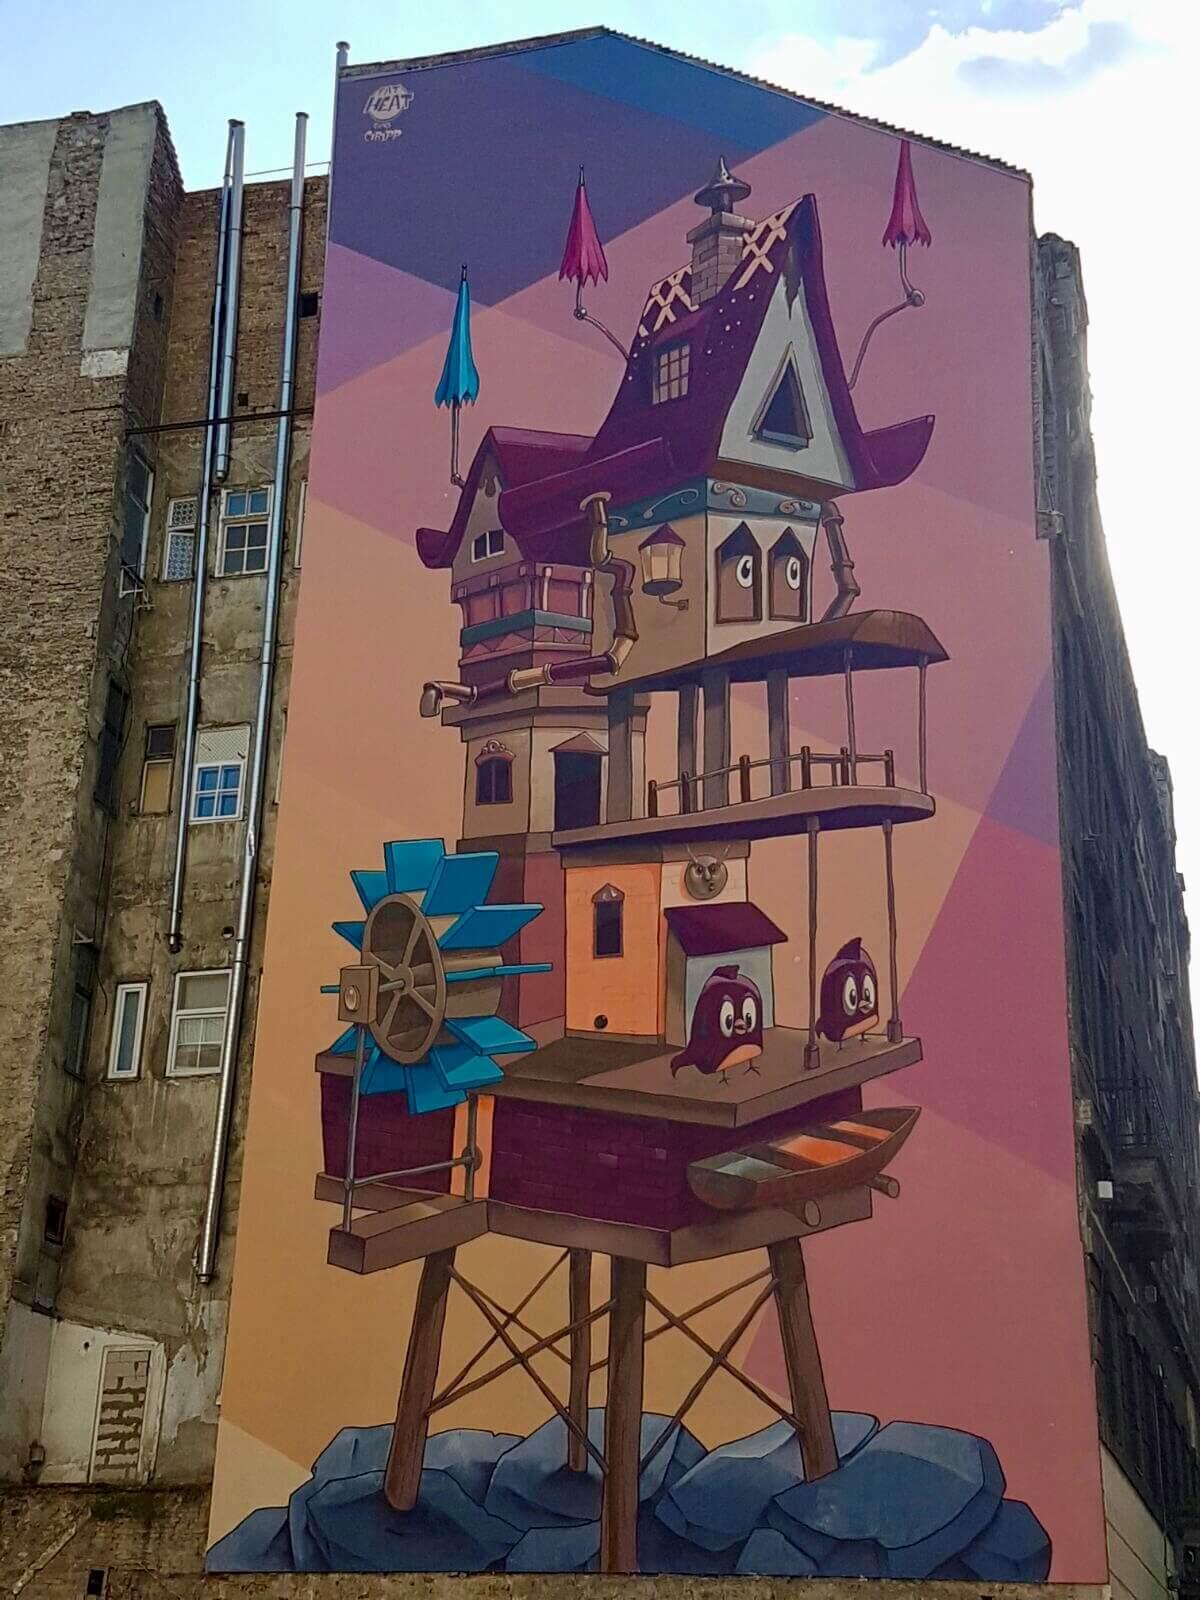 אמנות רחוב בבודפשט